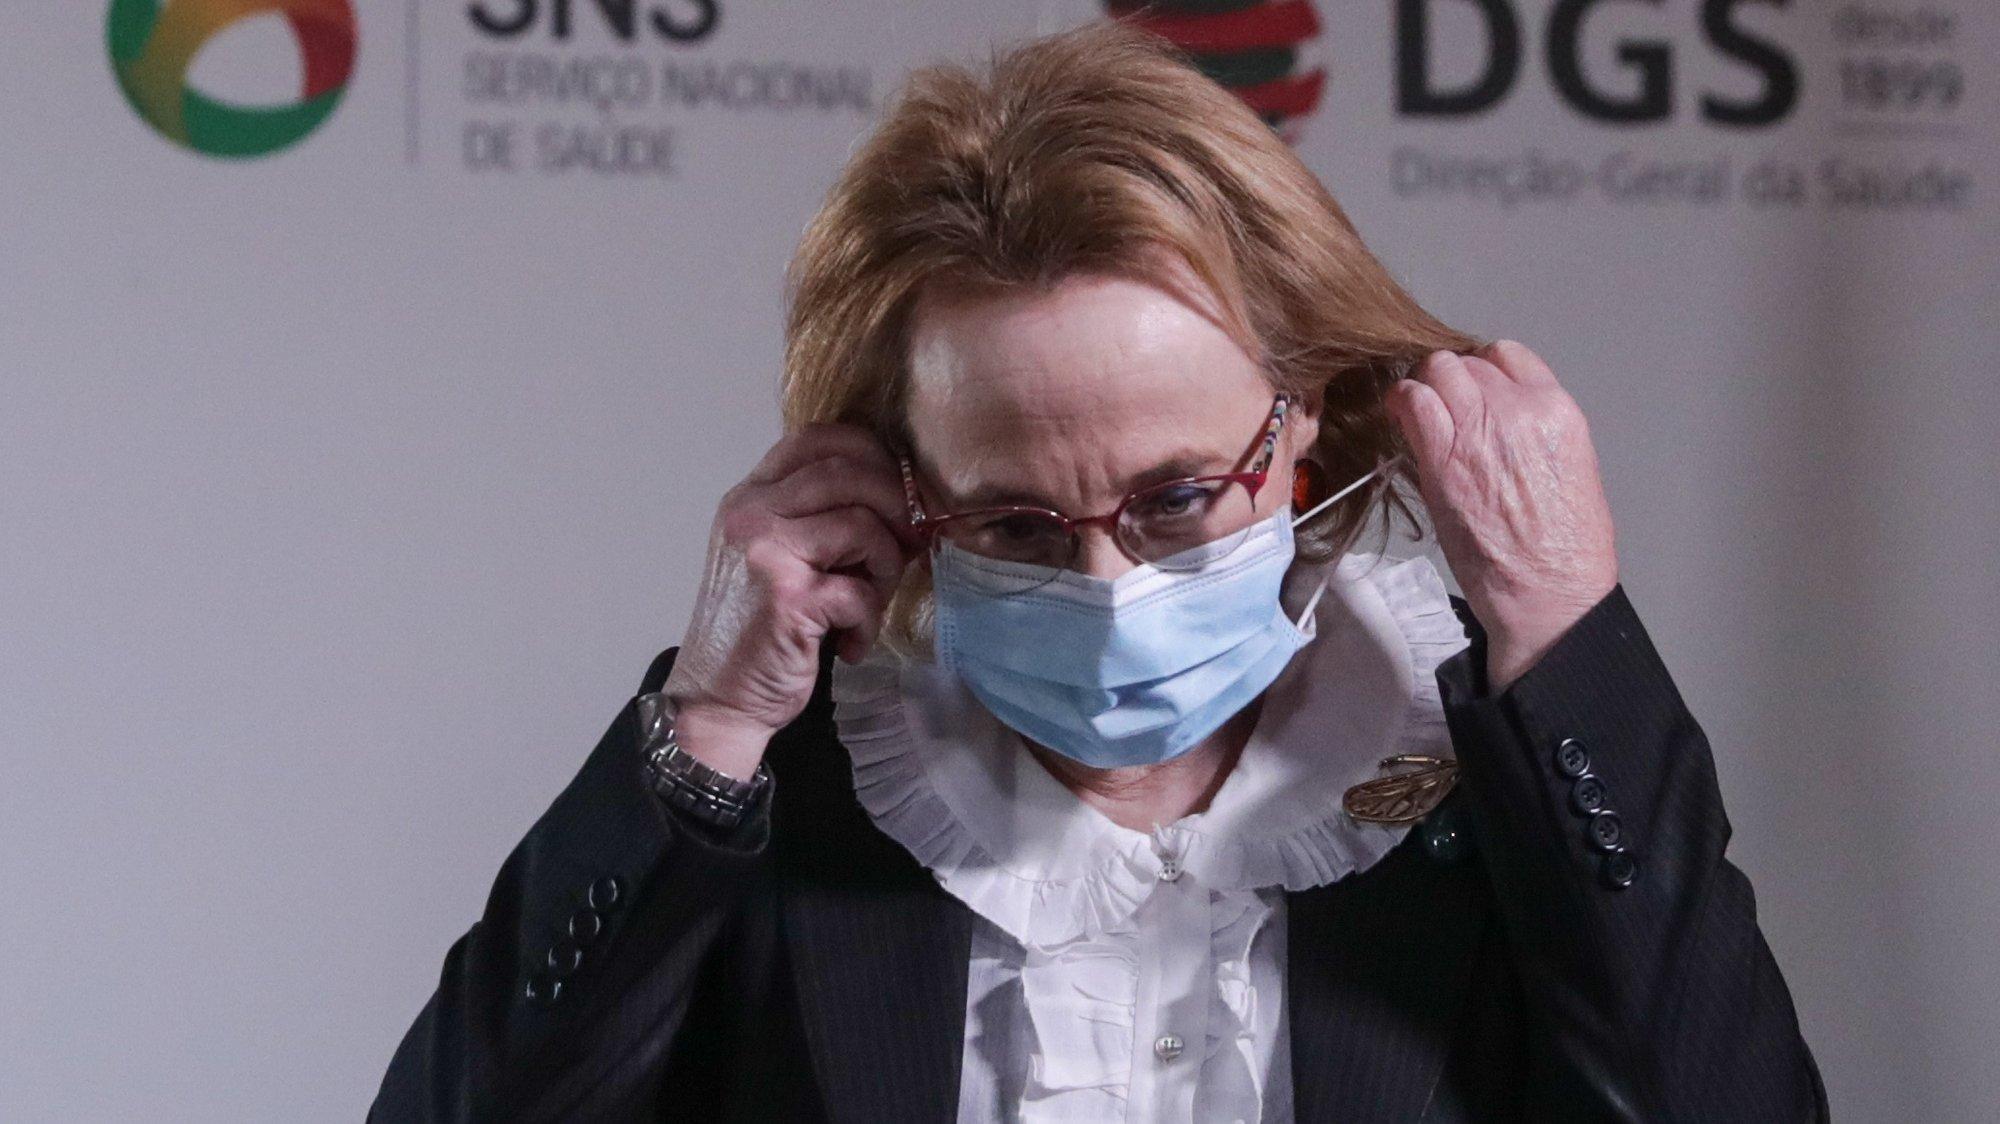 A Diretora-Geral da Saúde, Graça Freitas, durante a conferência de imprensa sobre o novo coronavírus (covid-19), realizada na Direção-Geral da Saúde, em Lisboa, 22 de dezembro de 2020. Em Portugal, registaram-se 63 mortes e 2.436 novas infeções confirmadas, segundo o balanço feito hoje pela Direção-Geral da Saúde (DGS). TIAGO PETINGA/POOL/LUSA